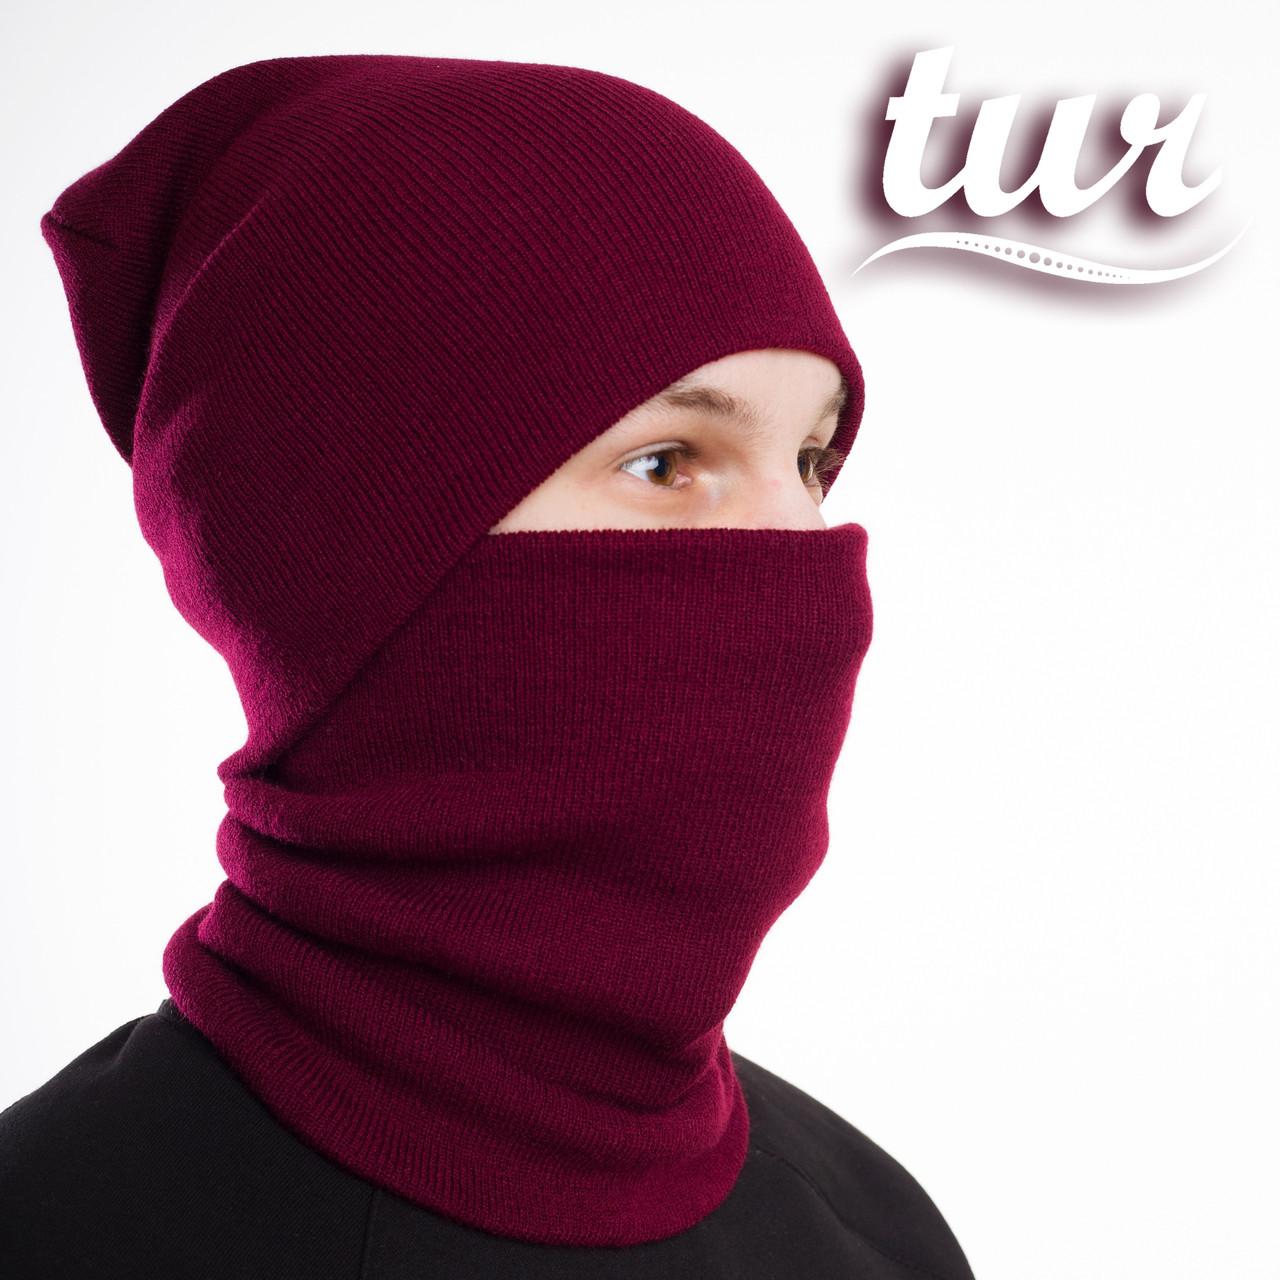 Зимняя шапка бордовая унисекс Бран (Bran) от бренда ТУР